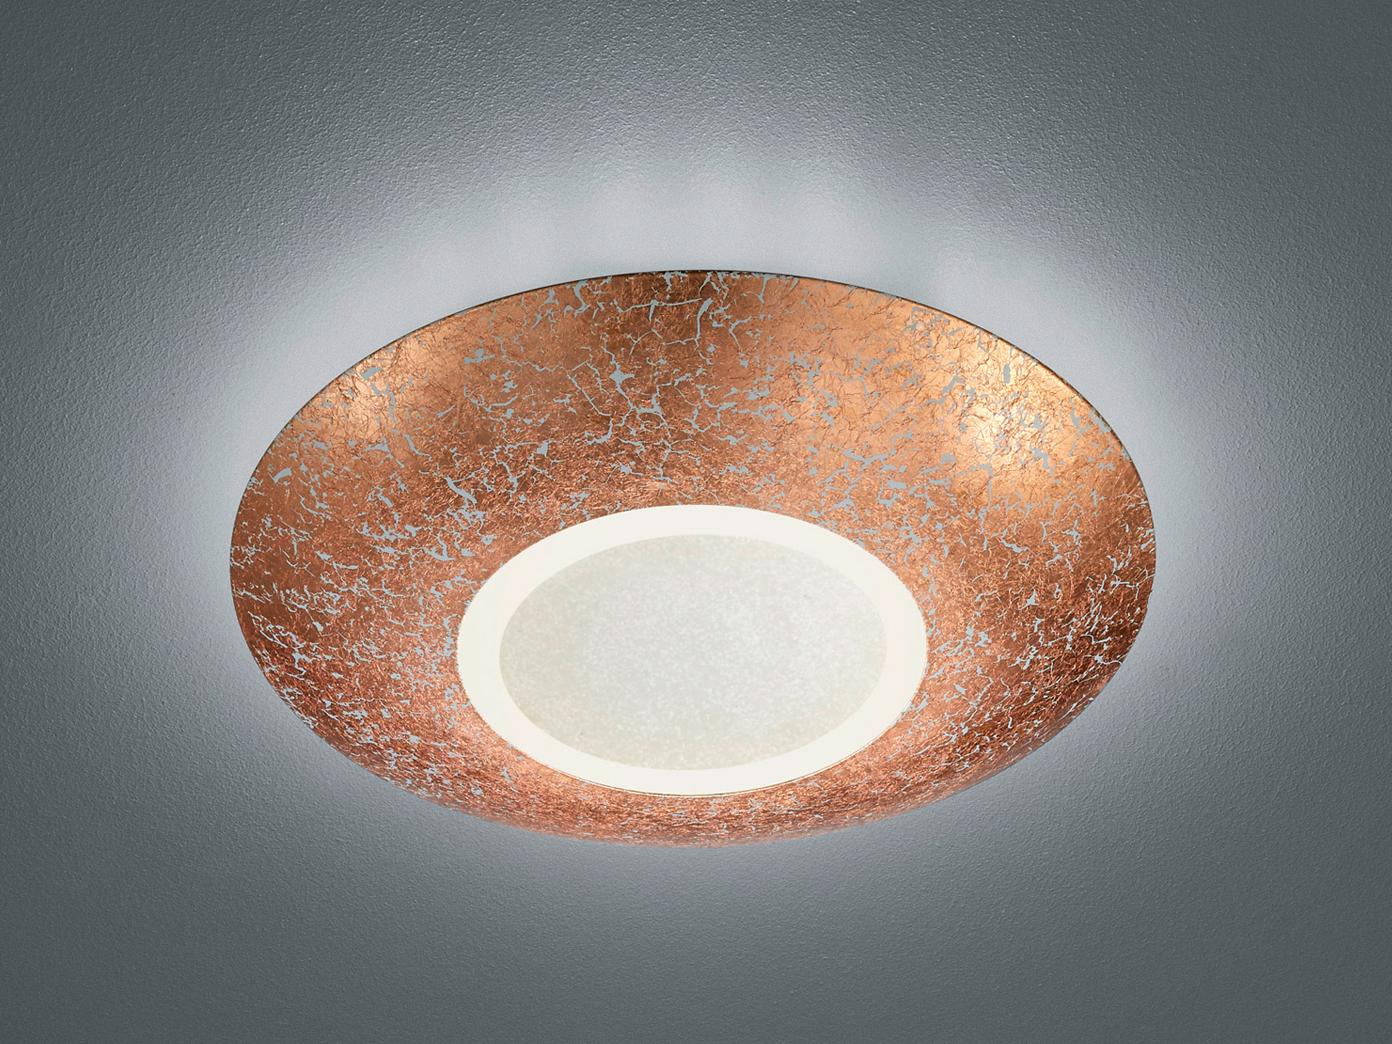 Retro LED Deckenleuchte Wohnzimmerlampen Deckenschale rund Ø 9cm